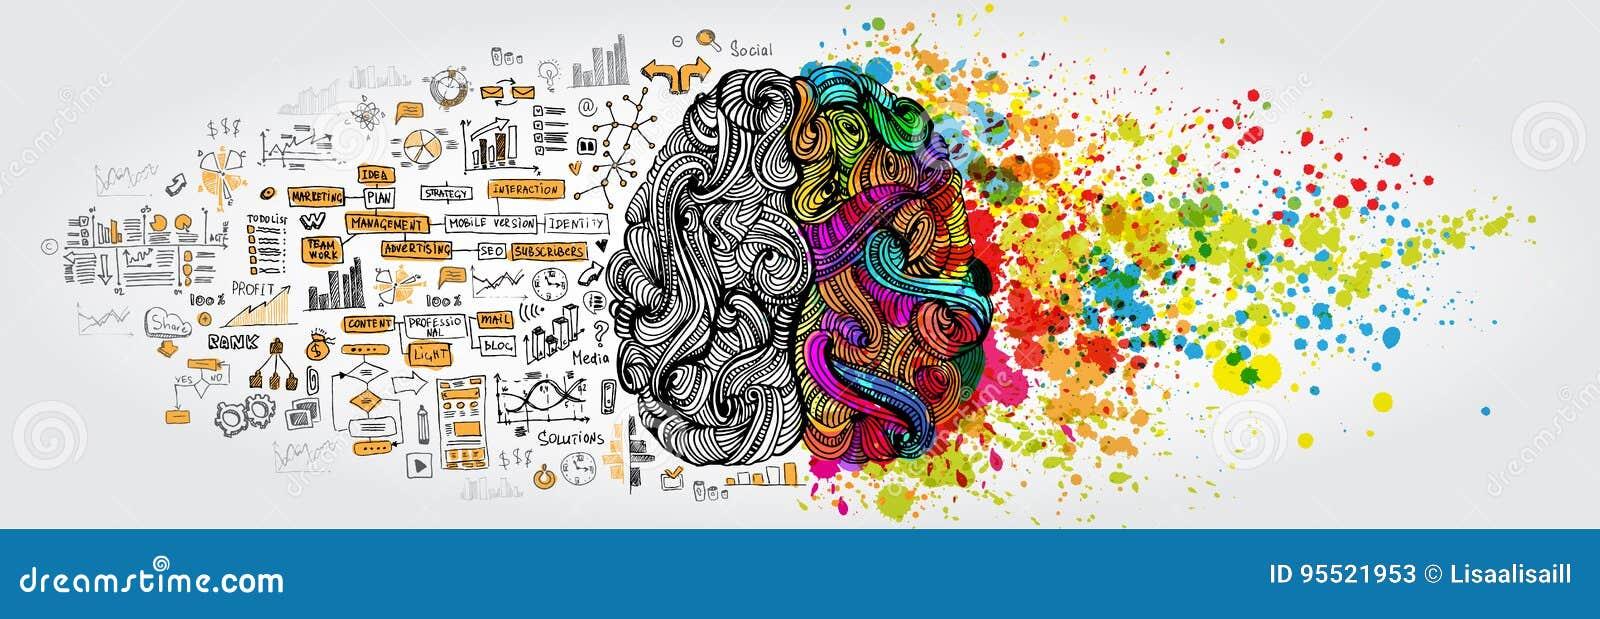 Concepto izquierda-derecha del cerebro humano La parte y la lógica creativas parte con el social y el garabato del negocio